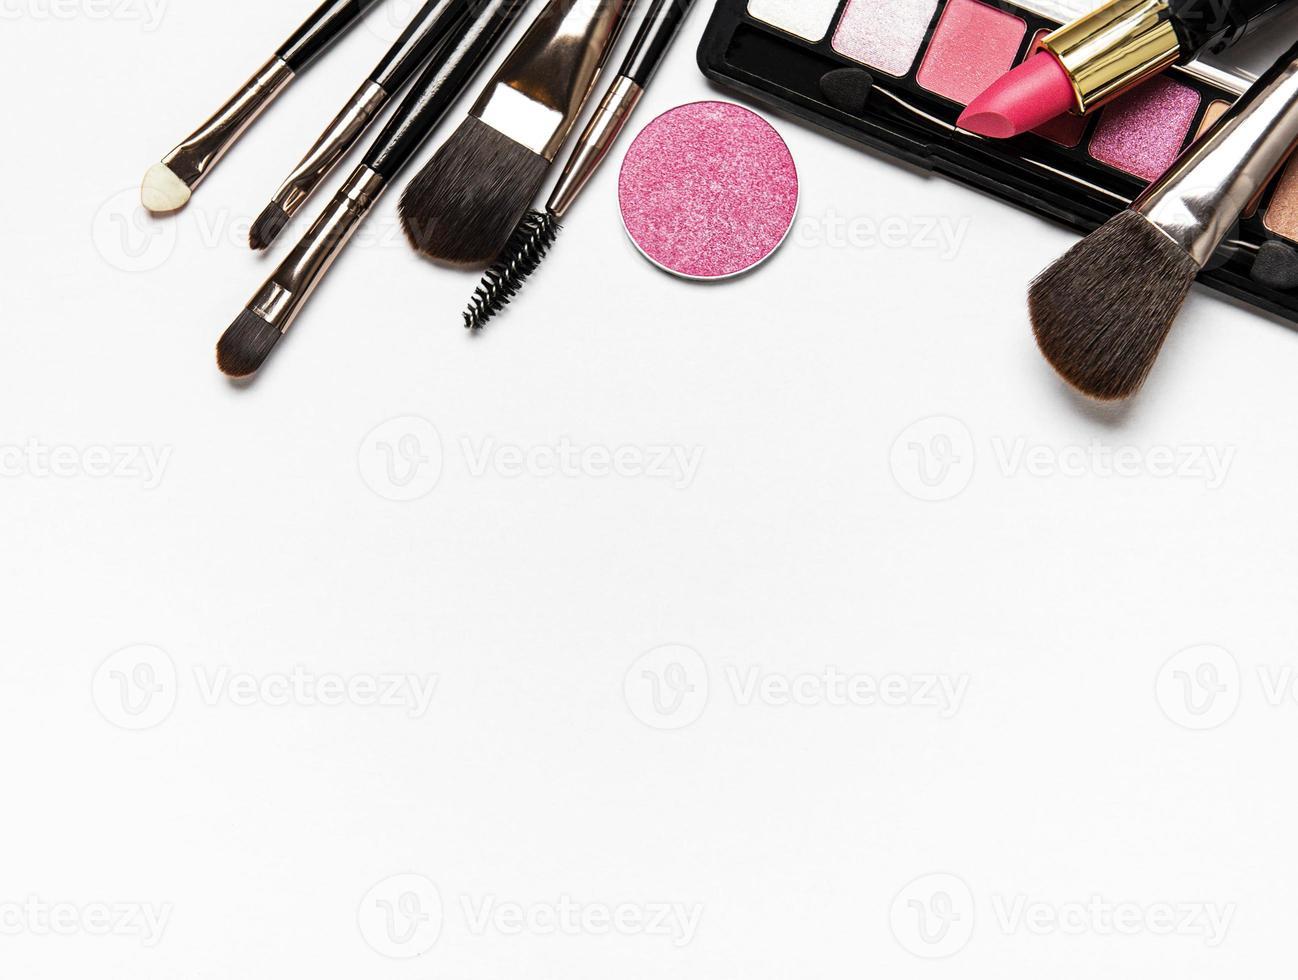 maquillage sur fond blanc avec espace copie photo